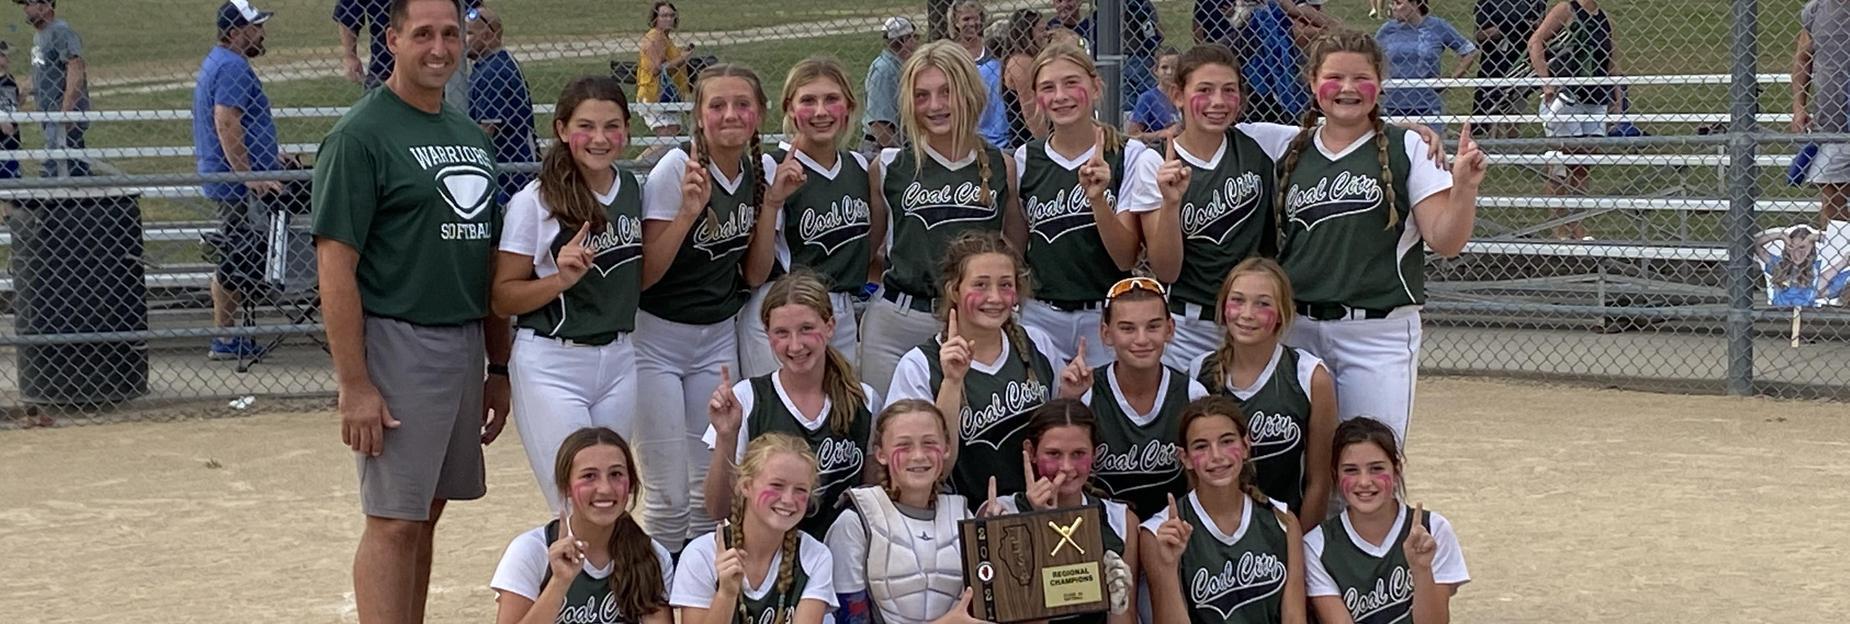 Softball girls win Regionals